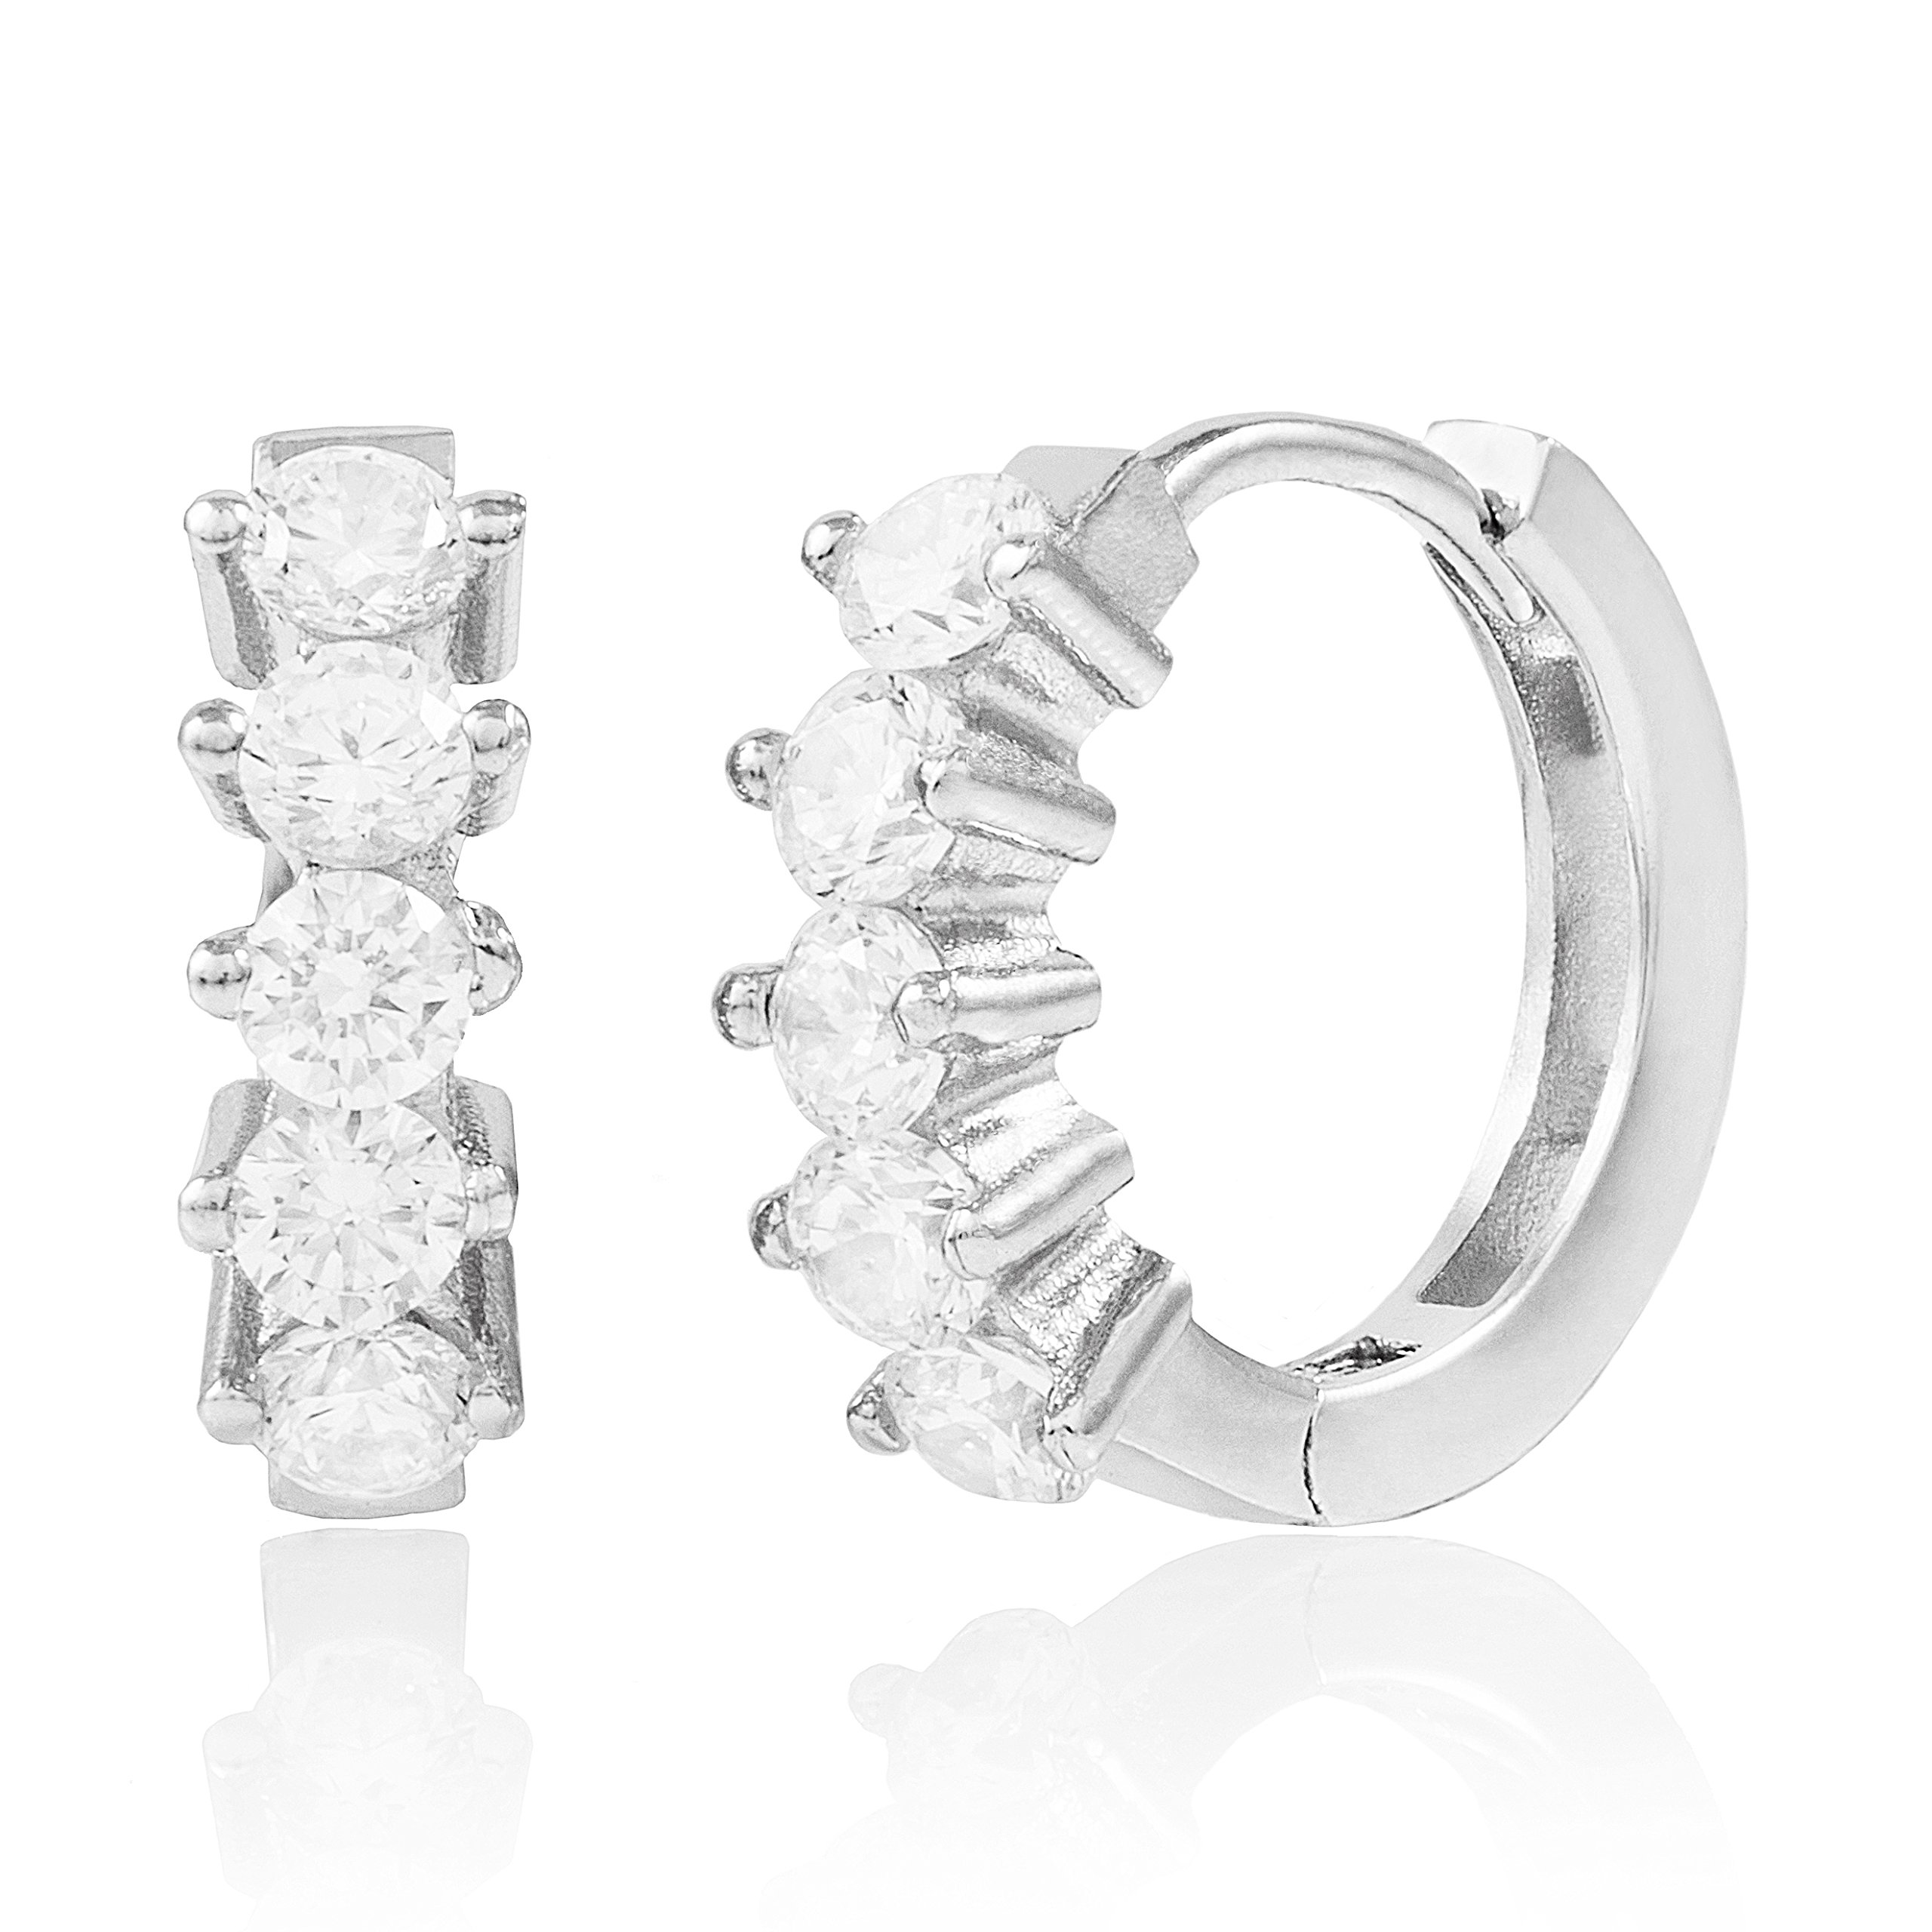 Rhodium Plated Sterling Silver Cubic Zirconia 2-Prong Set Huggie Hoop Earrings